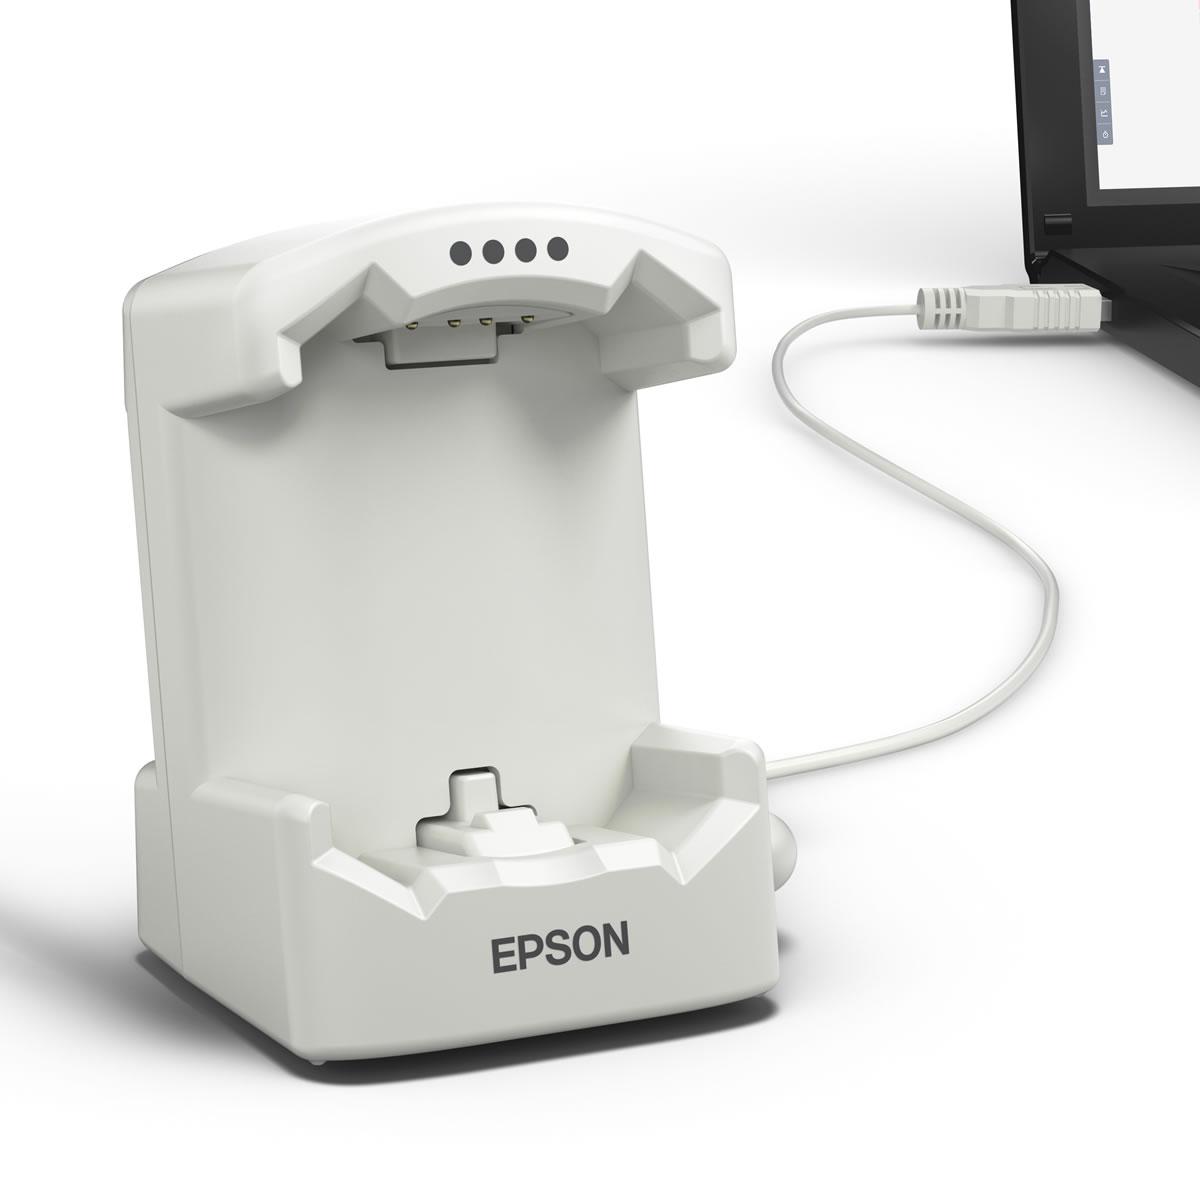 エプソン リスタブルGPS EPSON WristableGPS SF-120シリーズ用充電用クレードル 白 SF-CRD02